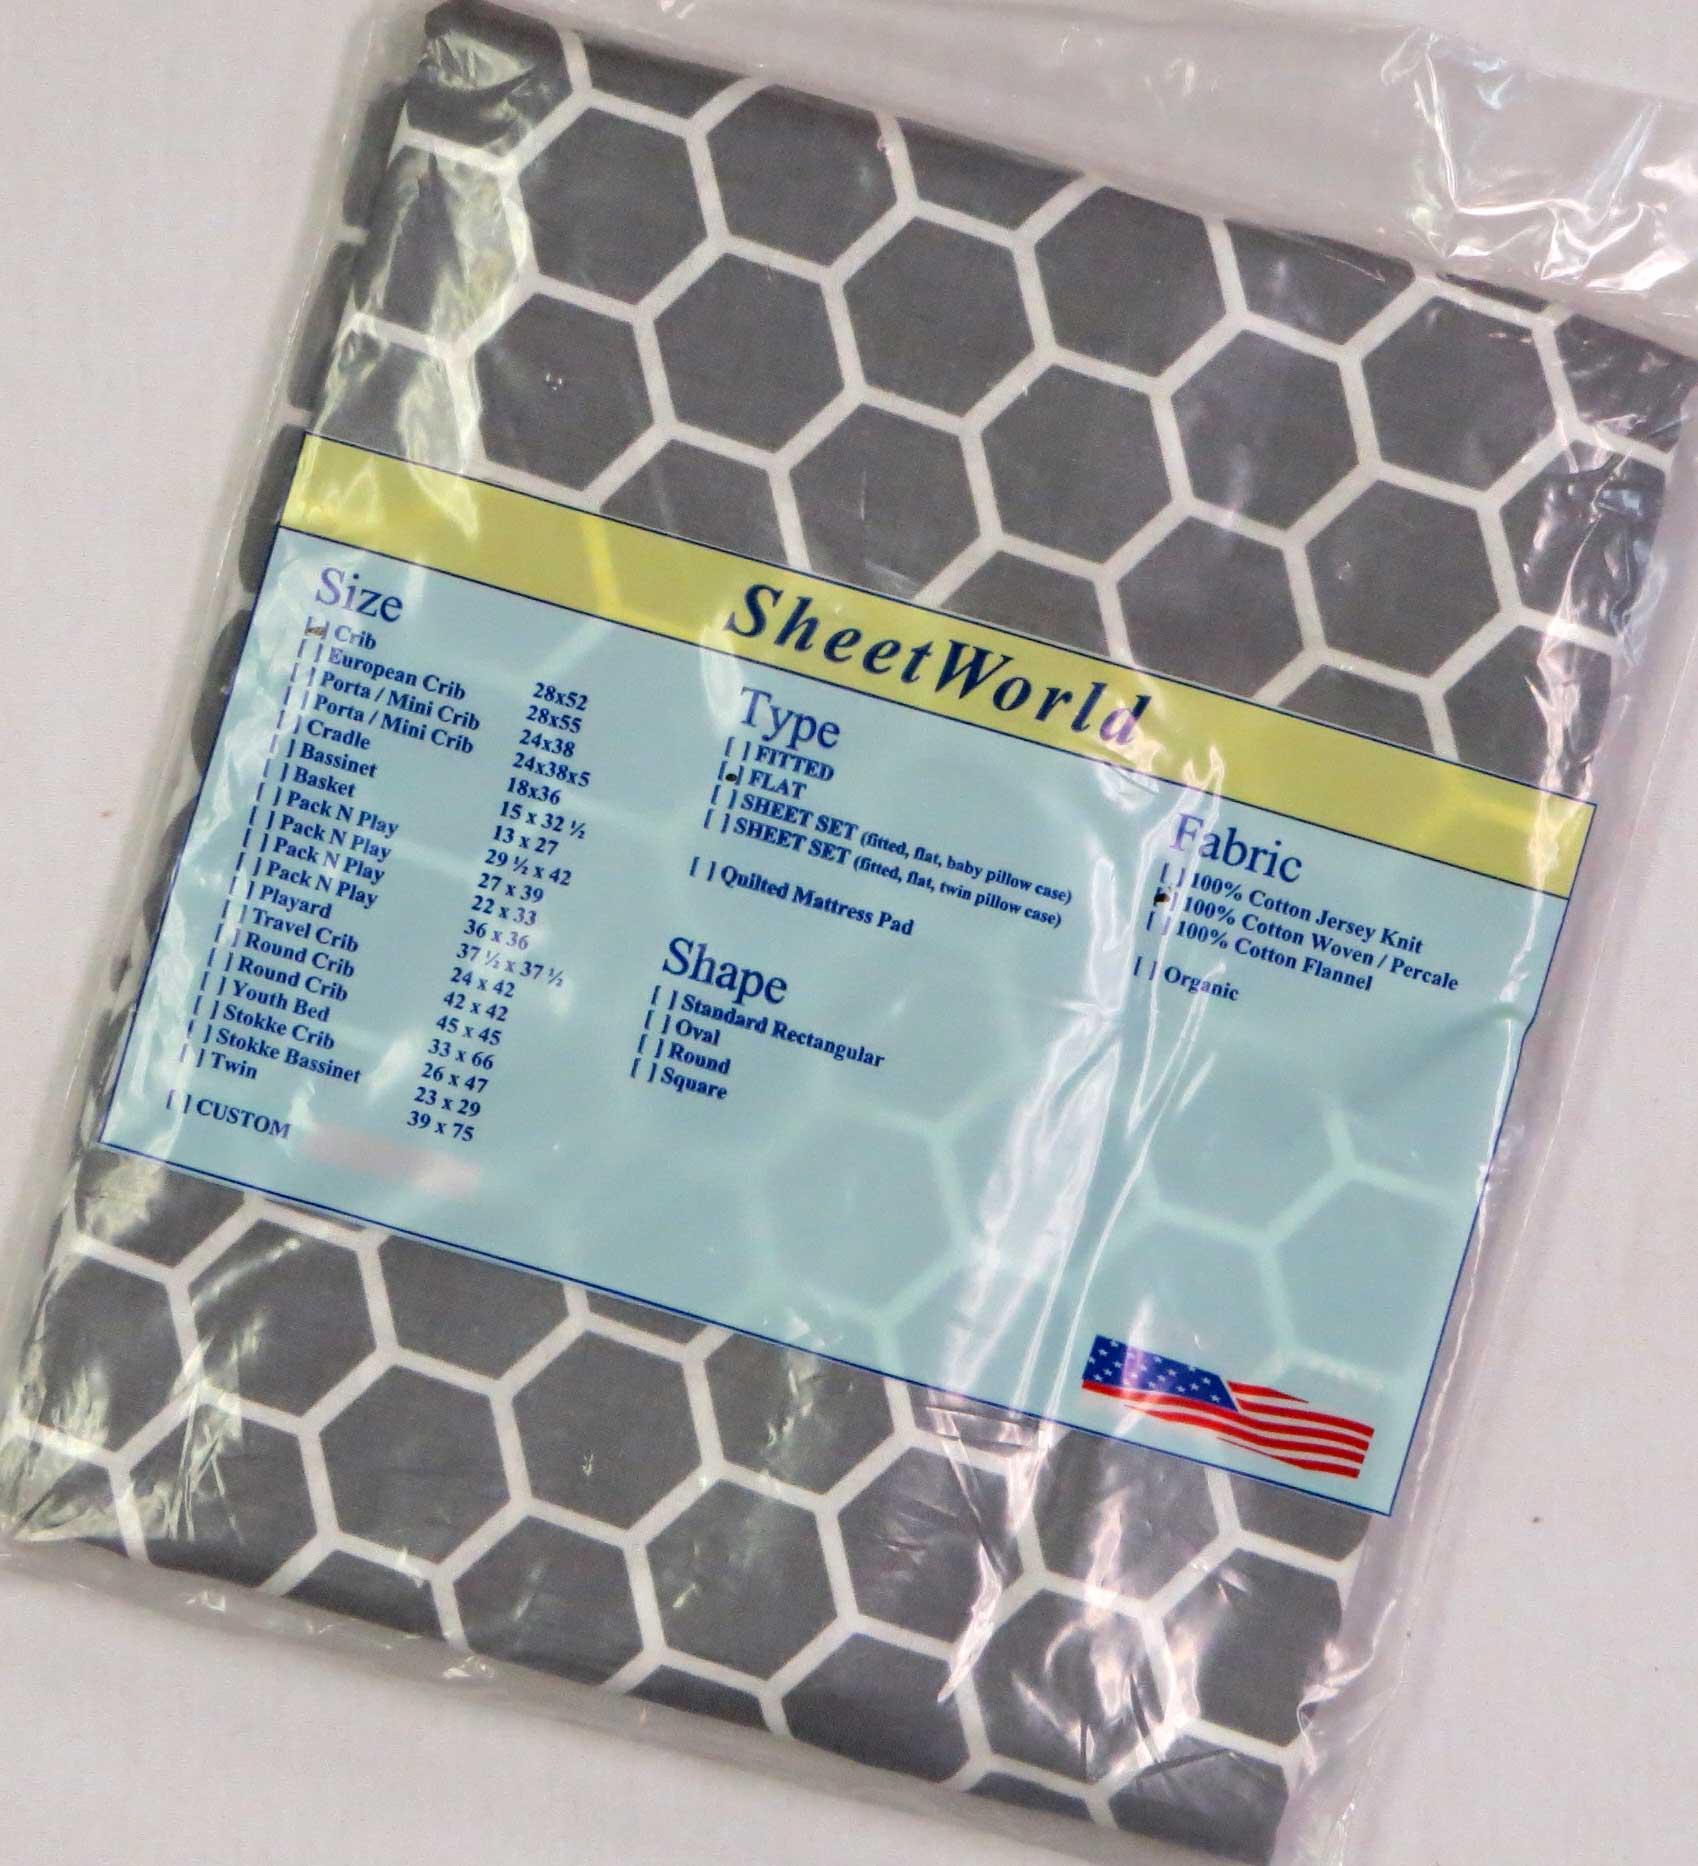 Gray Honeycomb Cotton FLAT / TOP Crib Sheet - 68 x 44